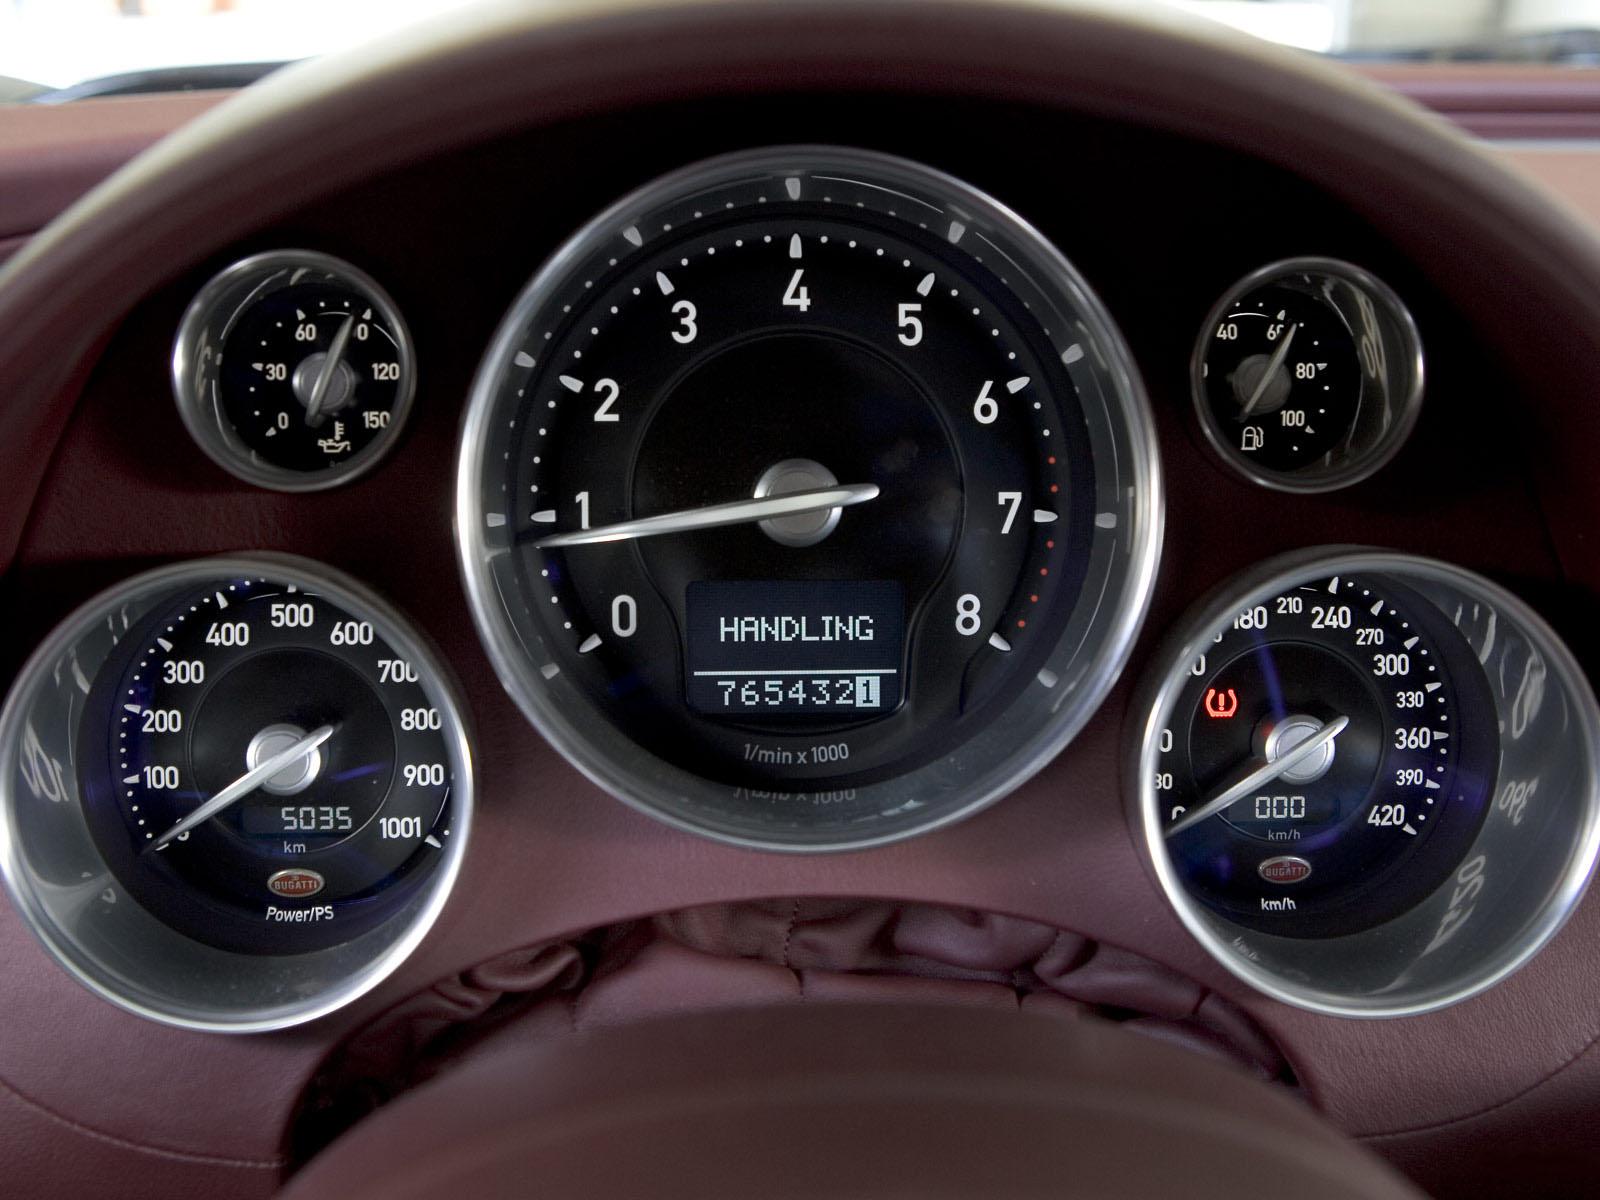 Приборная панель Bugatti Veyron, car, wallpaper, скачать фото обои на рабочий стол, кожа